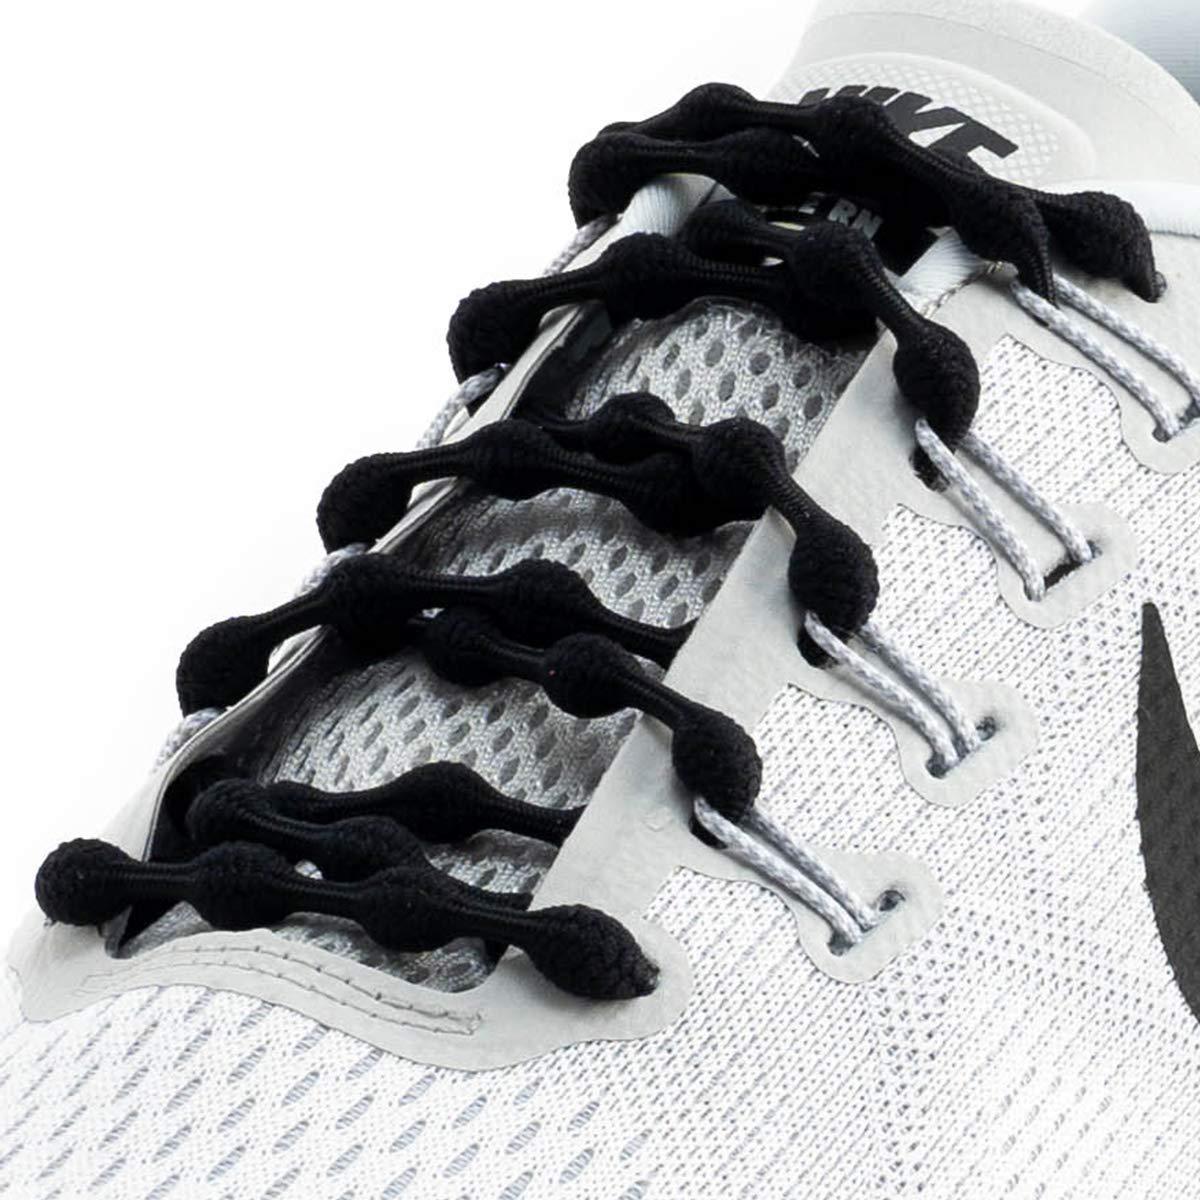 Caterpy Laces - The Ultimate No Tie Shoelaces (Jaguar Black)